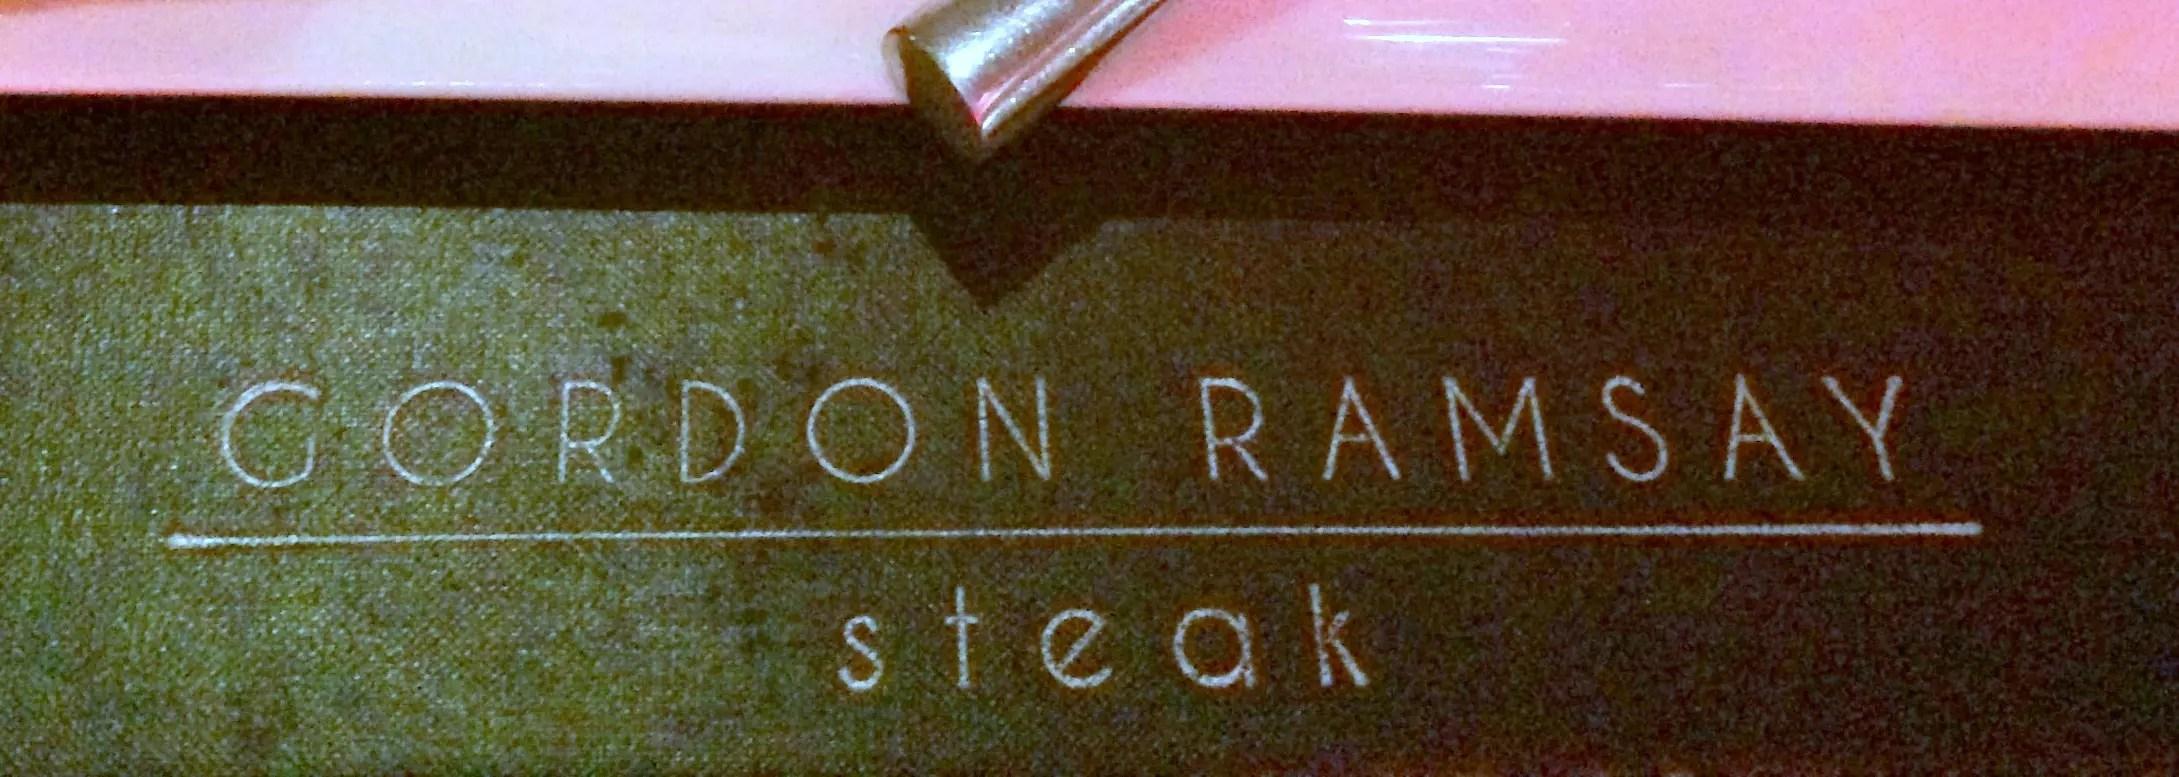 Dinner at Gordon Ramsay's Steak in Las Vegas